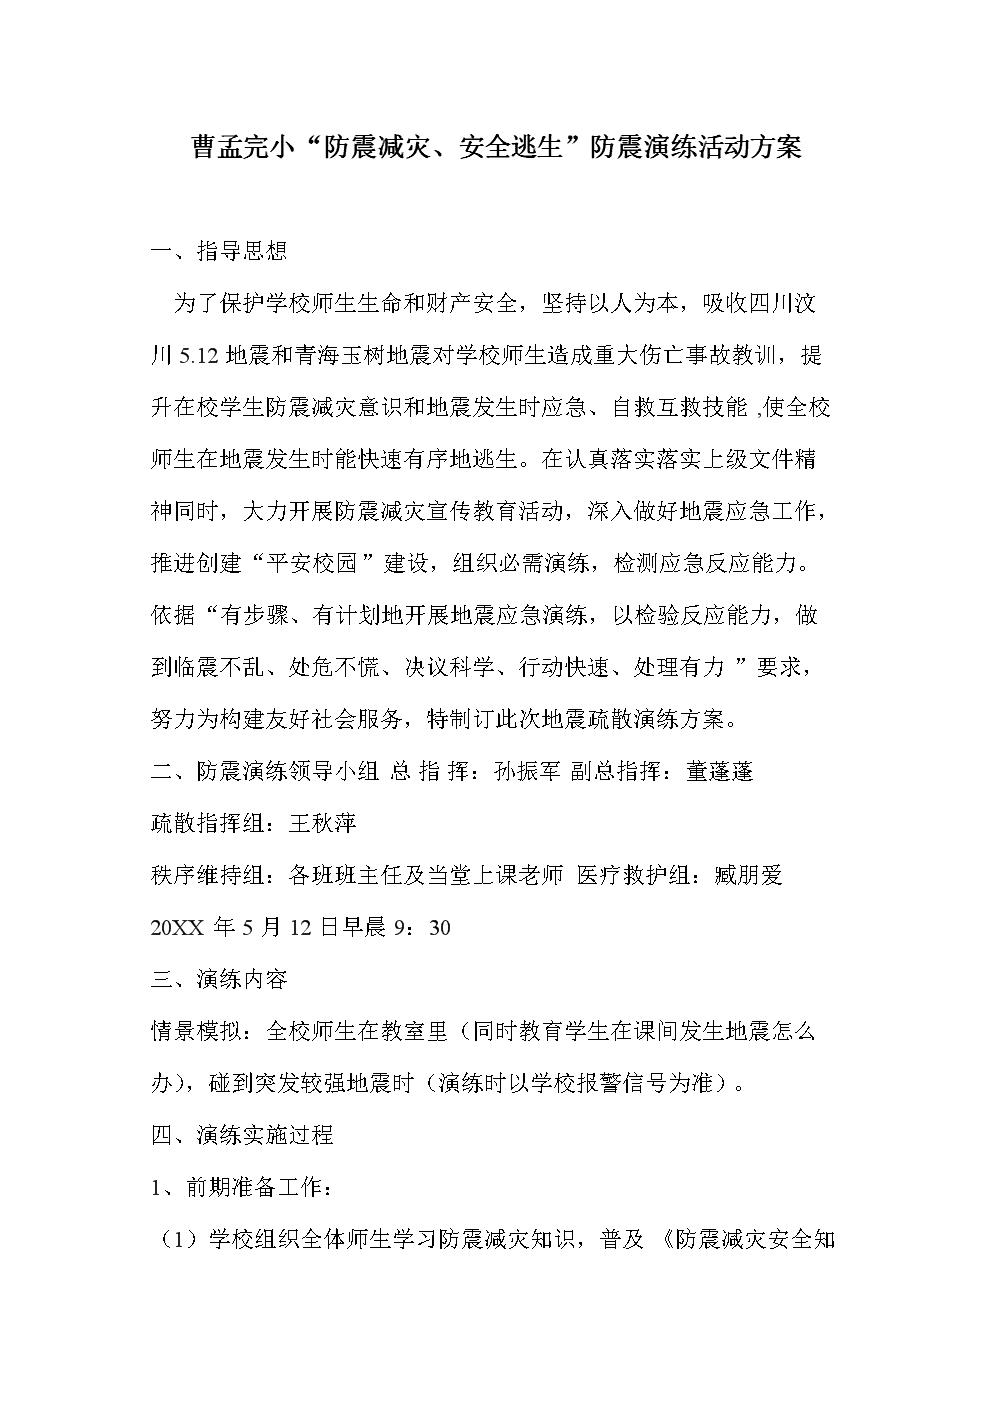 防震演练专项方案.doc